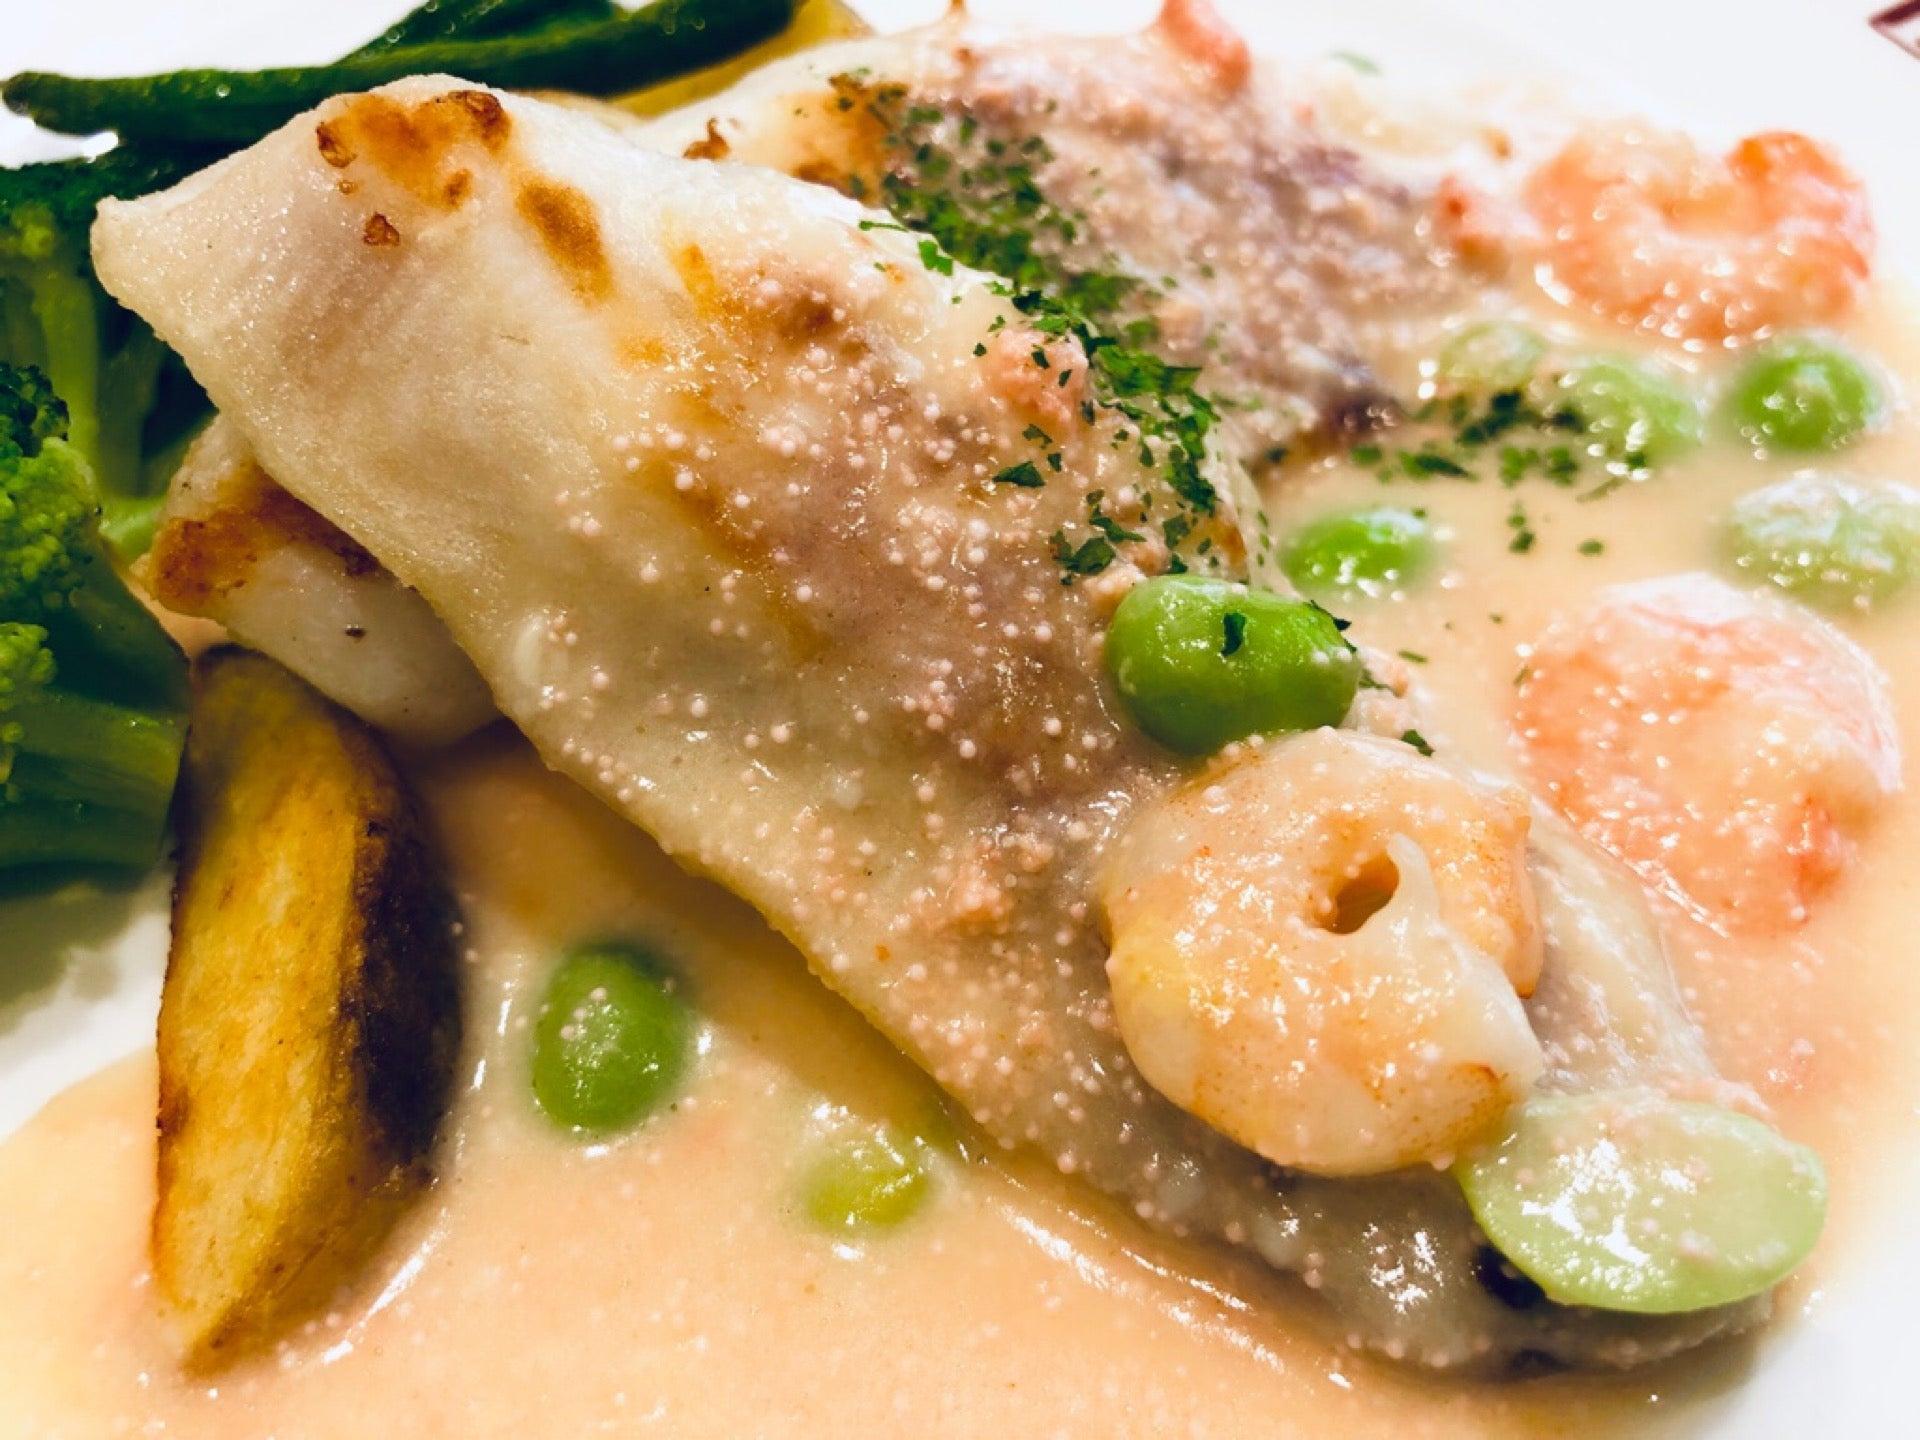 白身魚のグリル、明太子クリームソース (゚д゚)ウマー (@ BAQET エアポートウォーク店 in 豊山町, 愛知県) https://t.co/drRm24PoNW https://t.co/HnJJ76fuRn